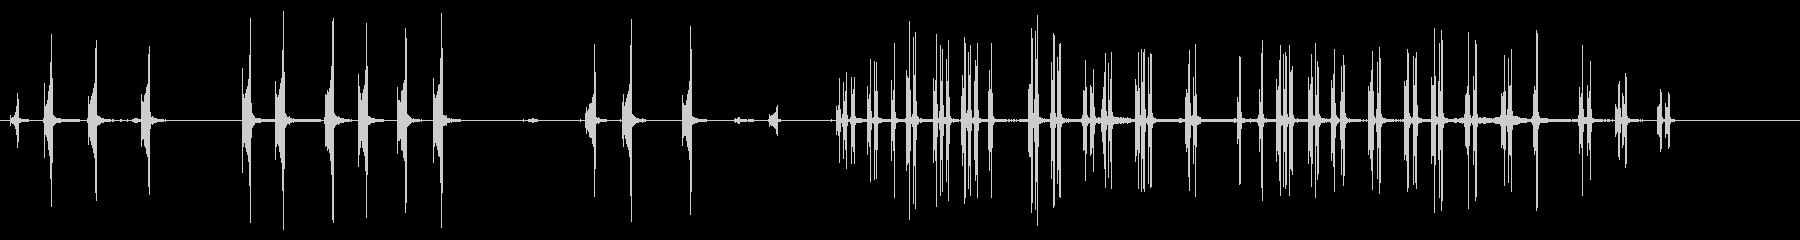 クライマーの未再生の波形